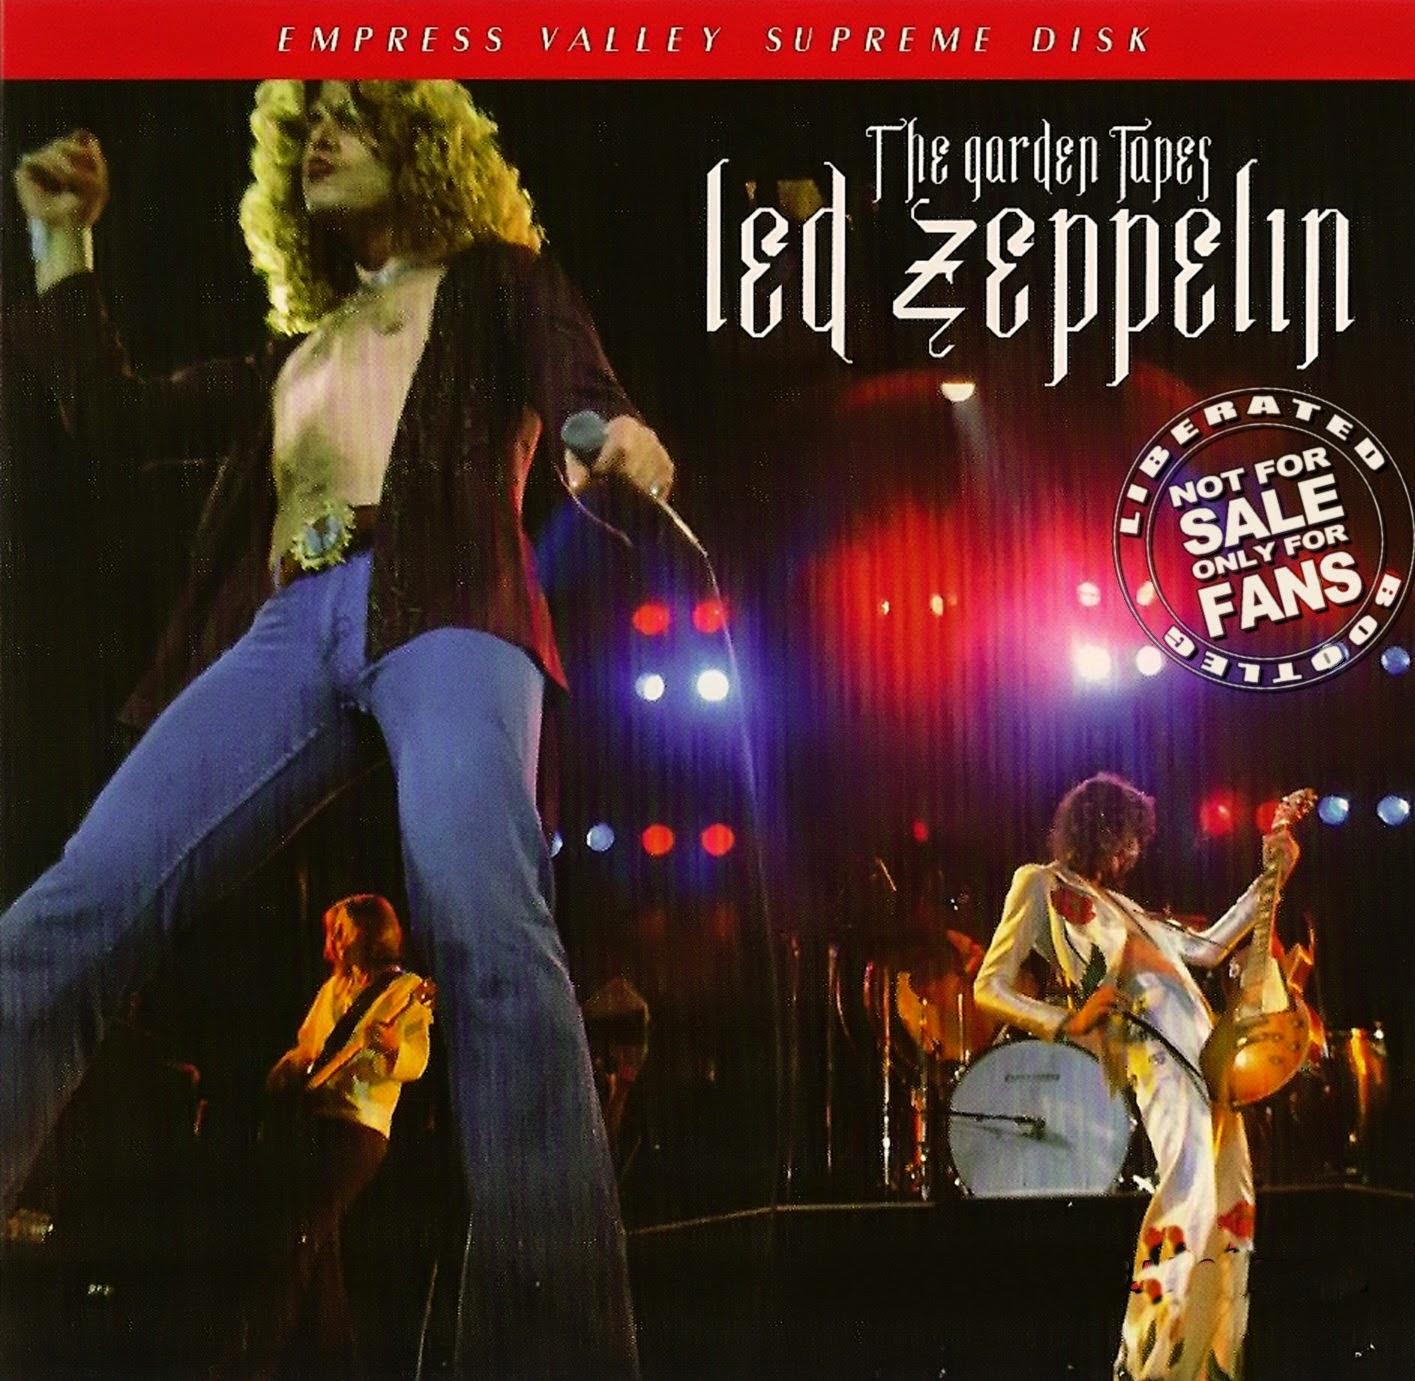 1977 - Led Zeppelin - The Garden Tapes - New York - Bootleg